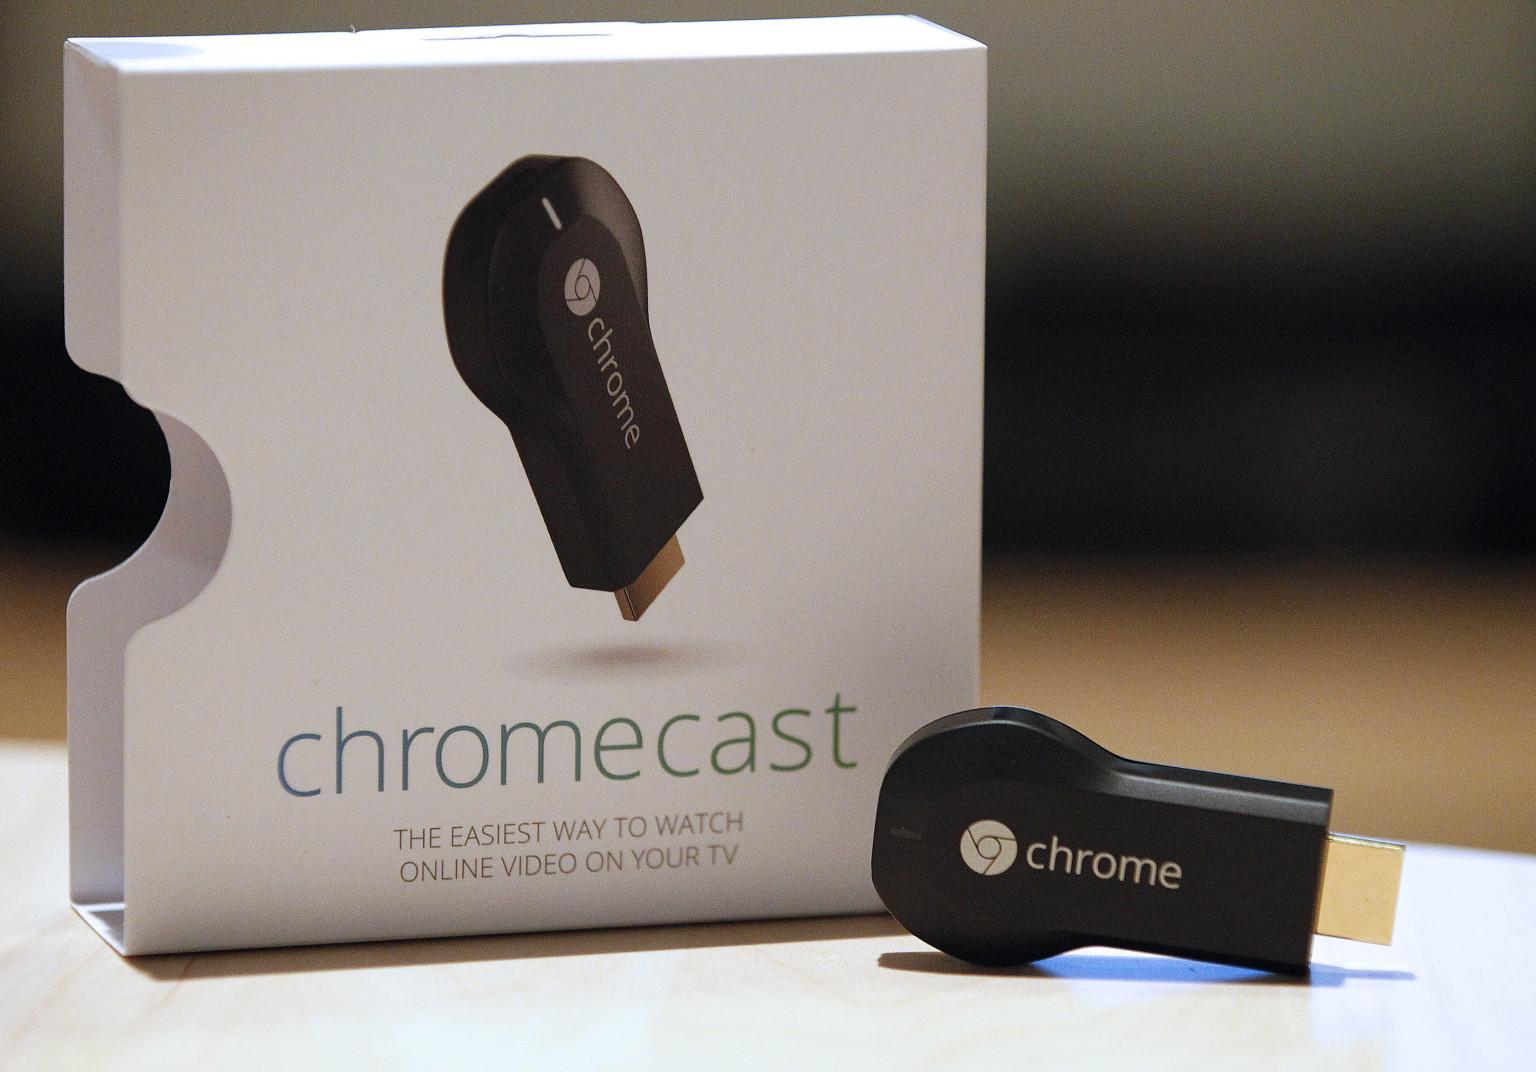 Bon plan : 10 euros de réduction pour l'achat de 2 Google Chromecast